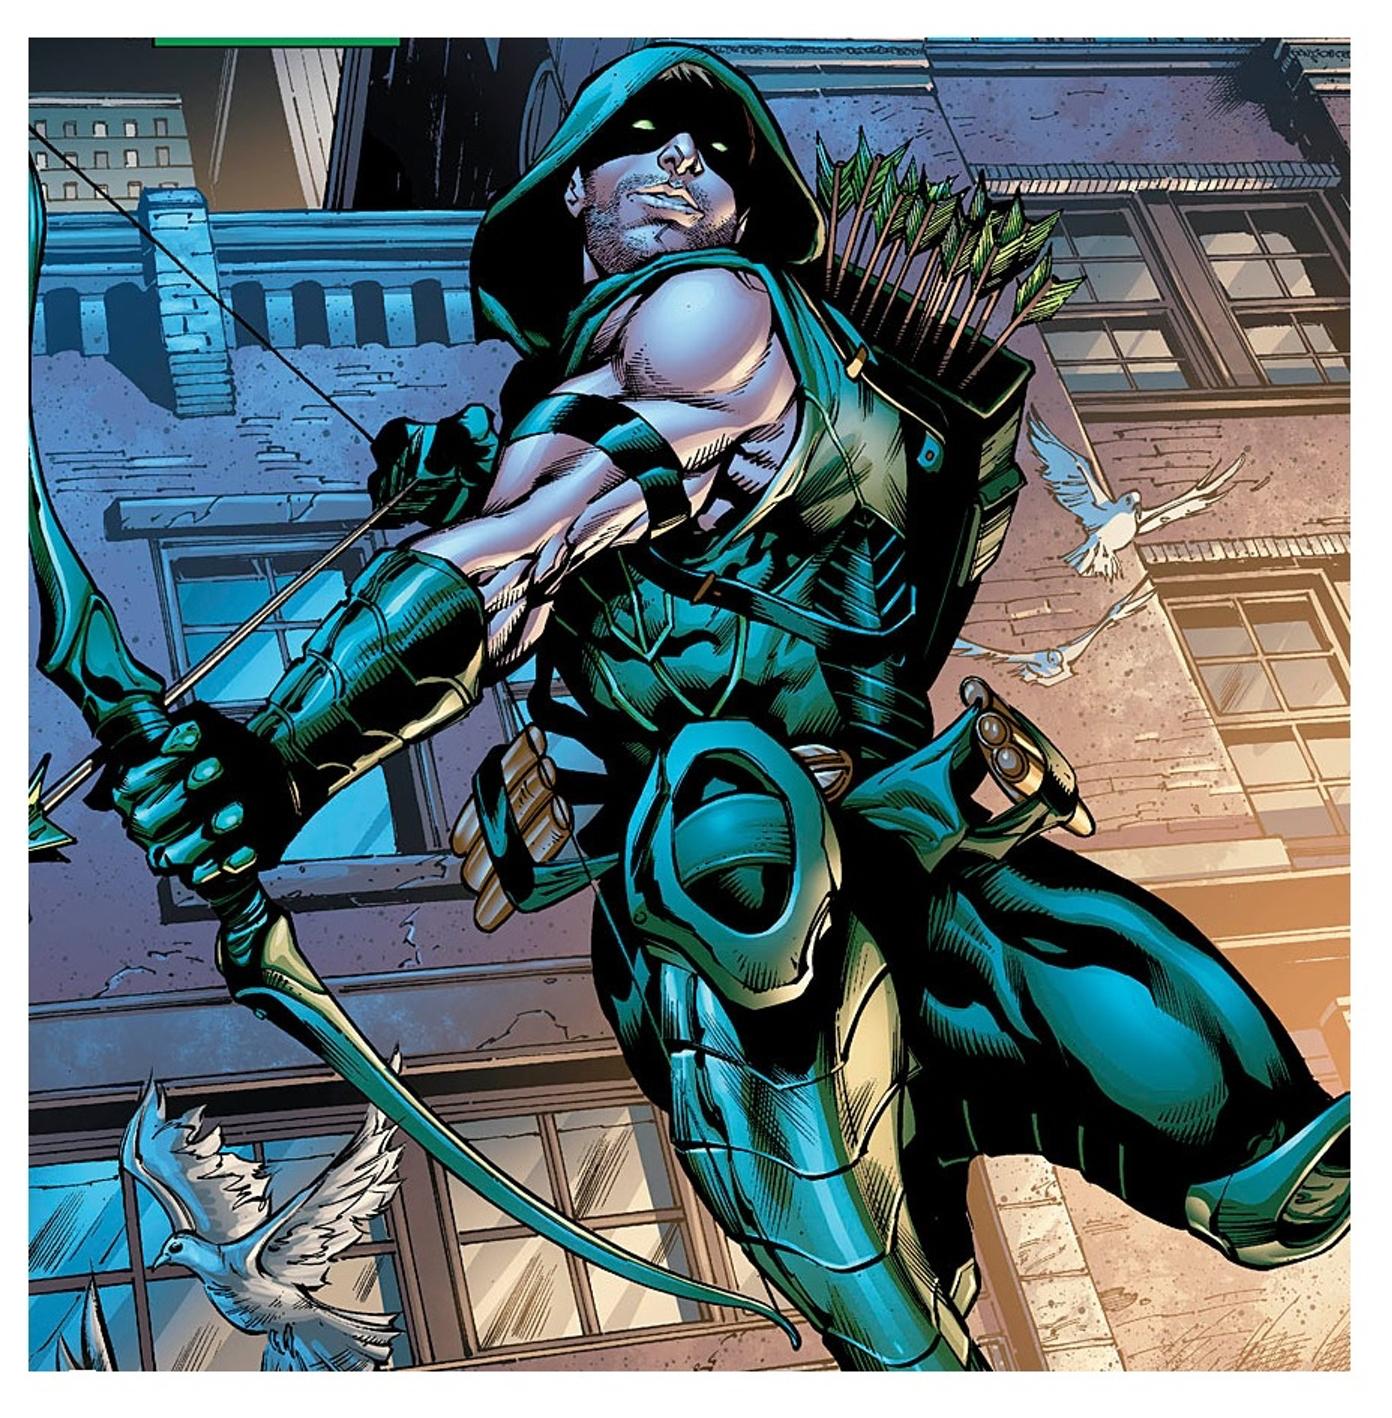 25 weird superhero weapons